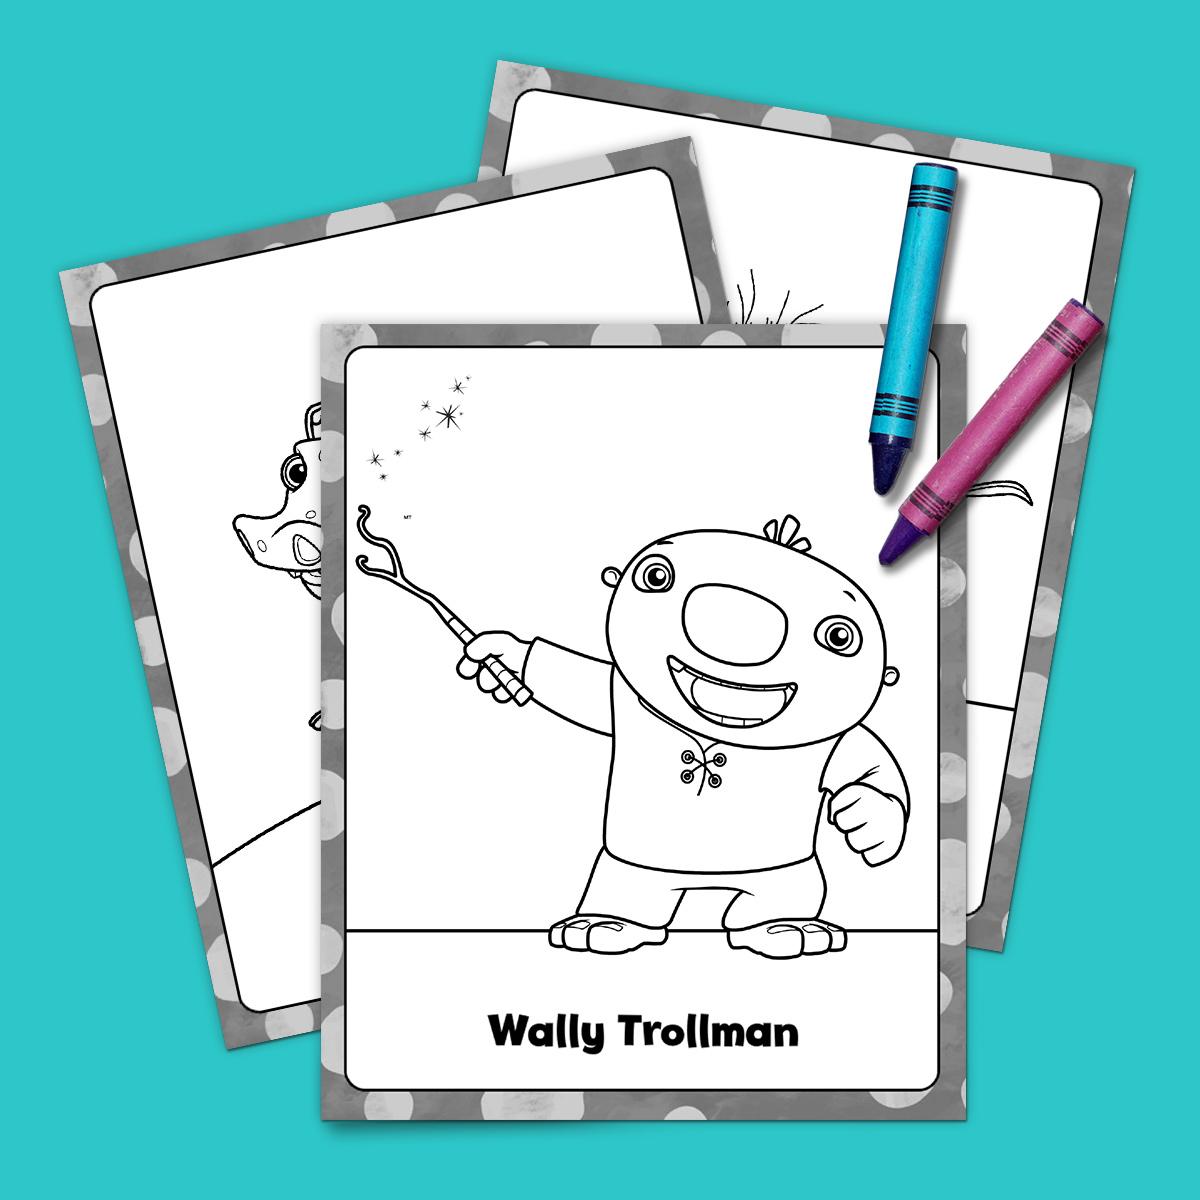 wally kazam coloring pages Wallykazam! Coloring Pack | Nickelodeon Parents wally kazam coloring pages